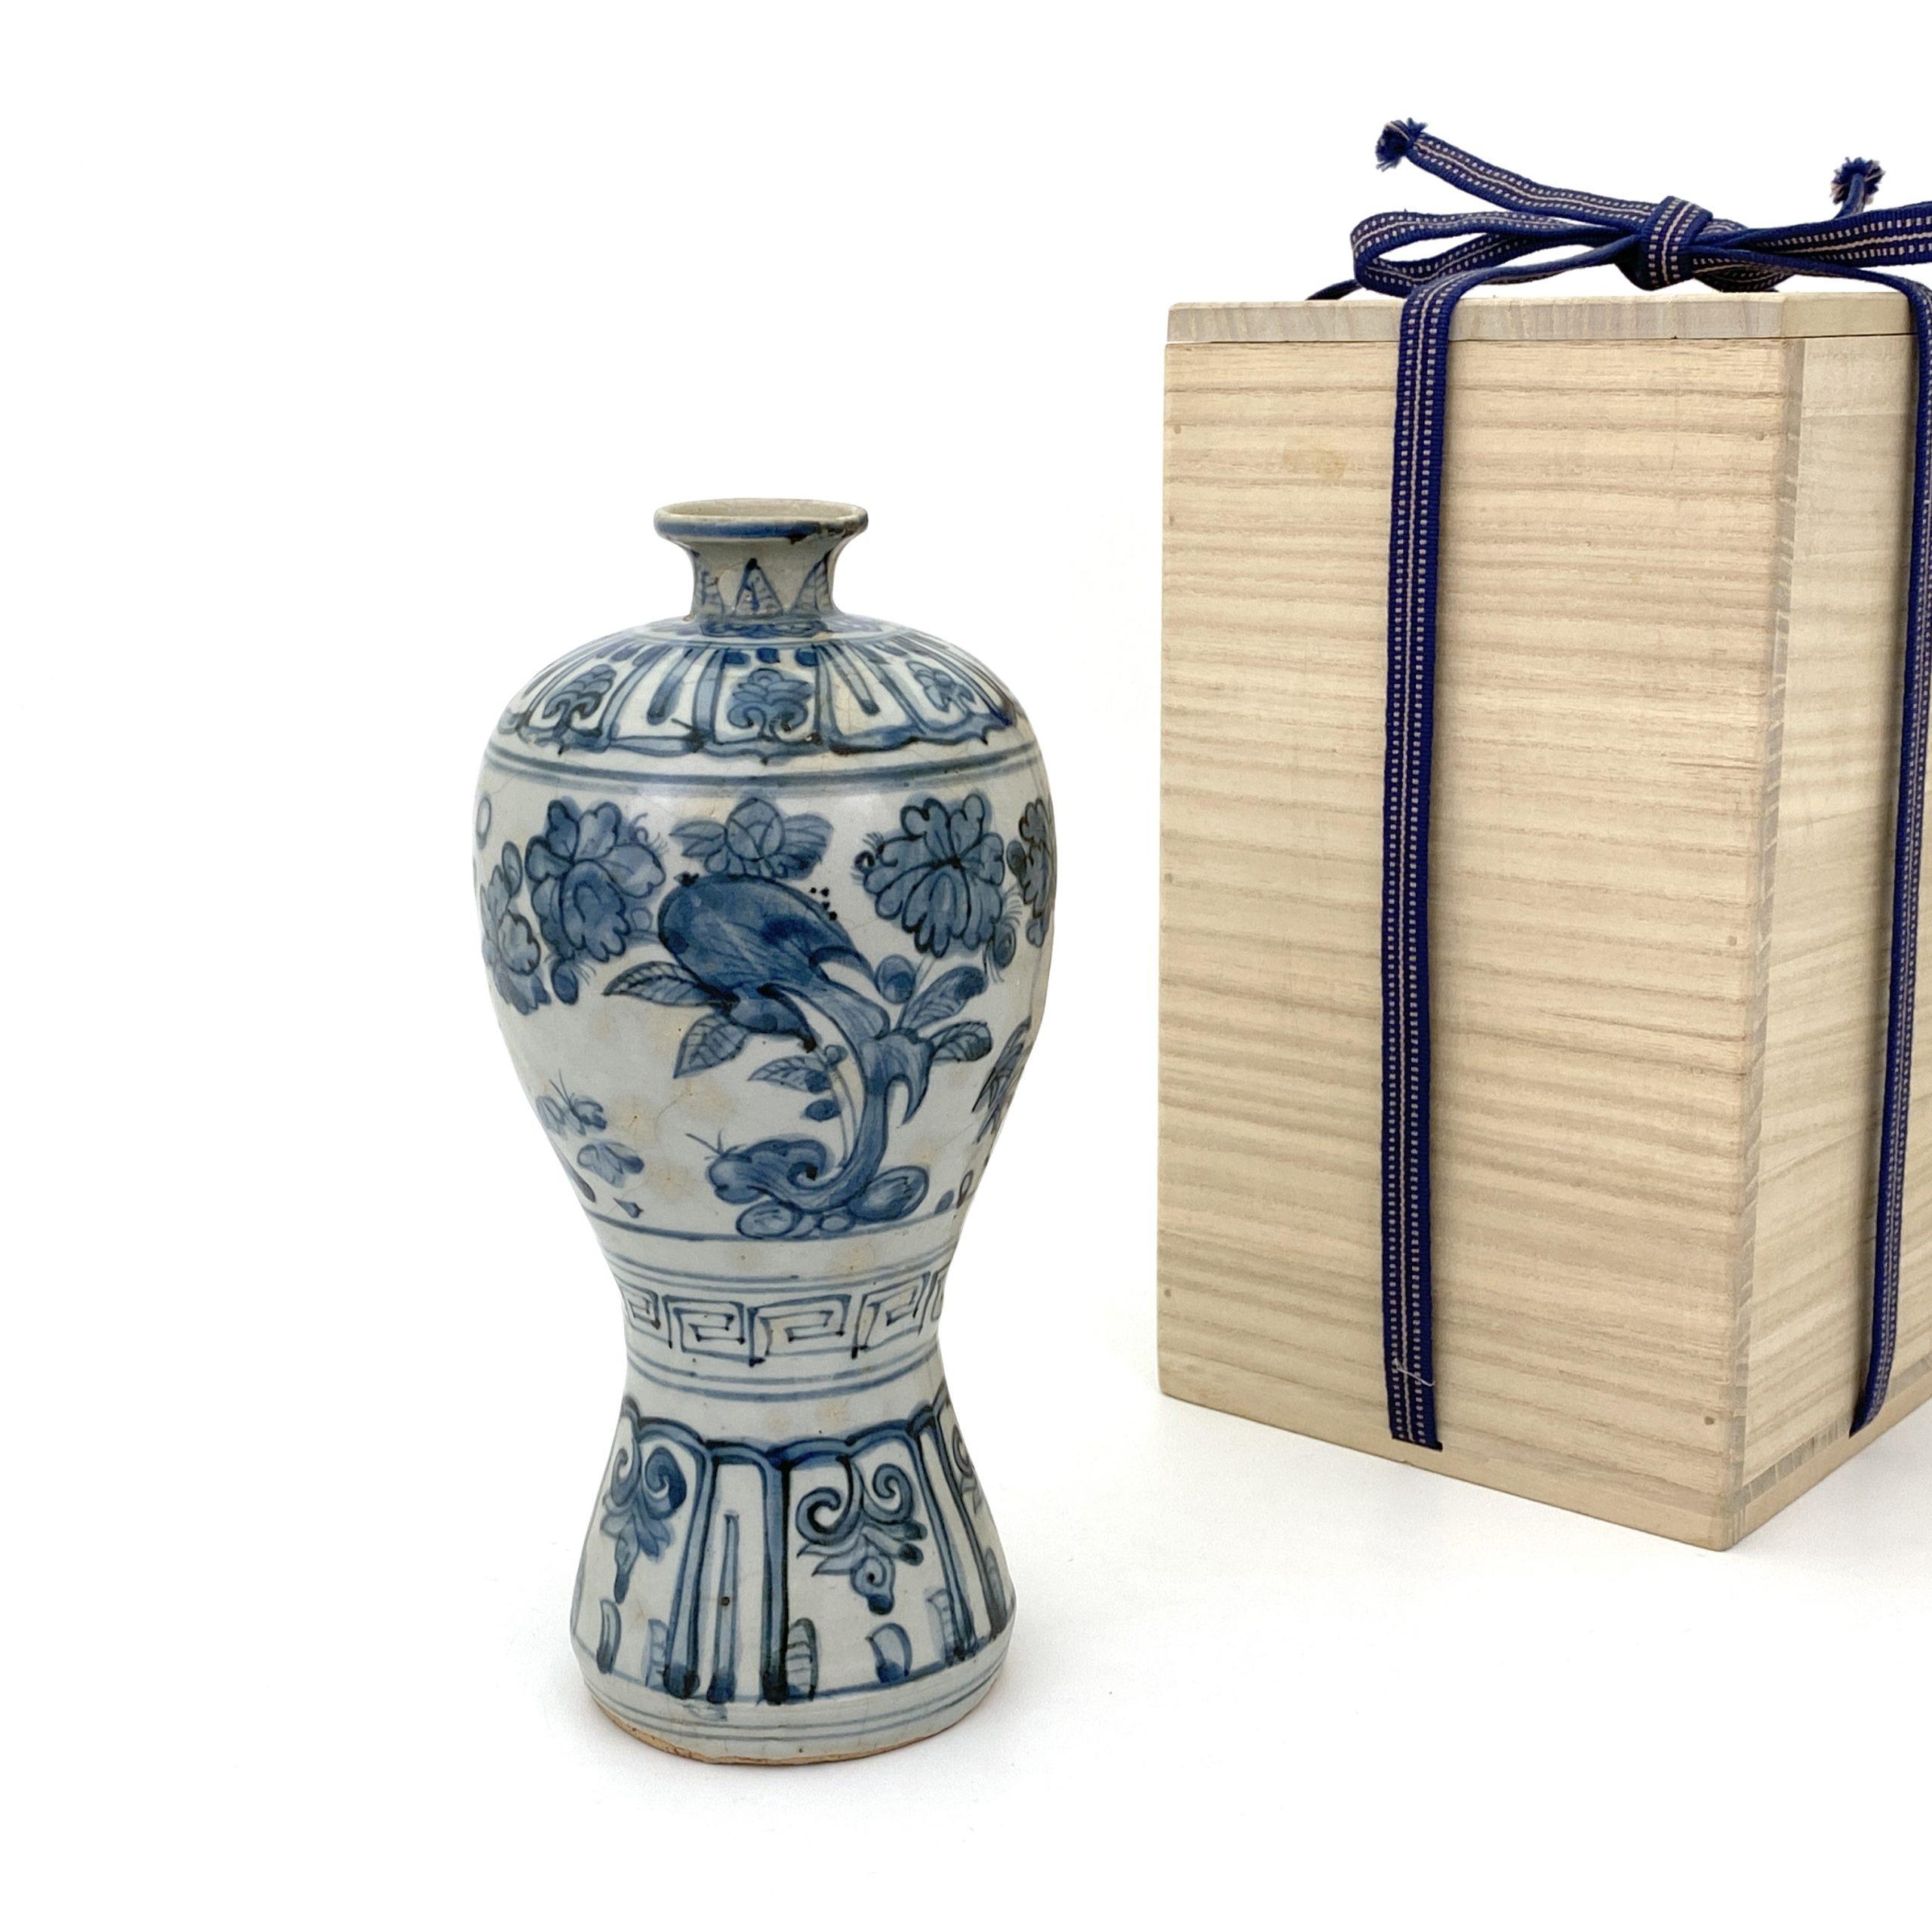 20127明初 青花 花図 梅瓶